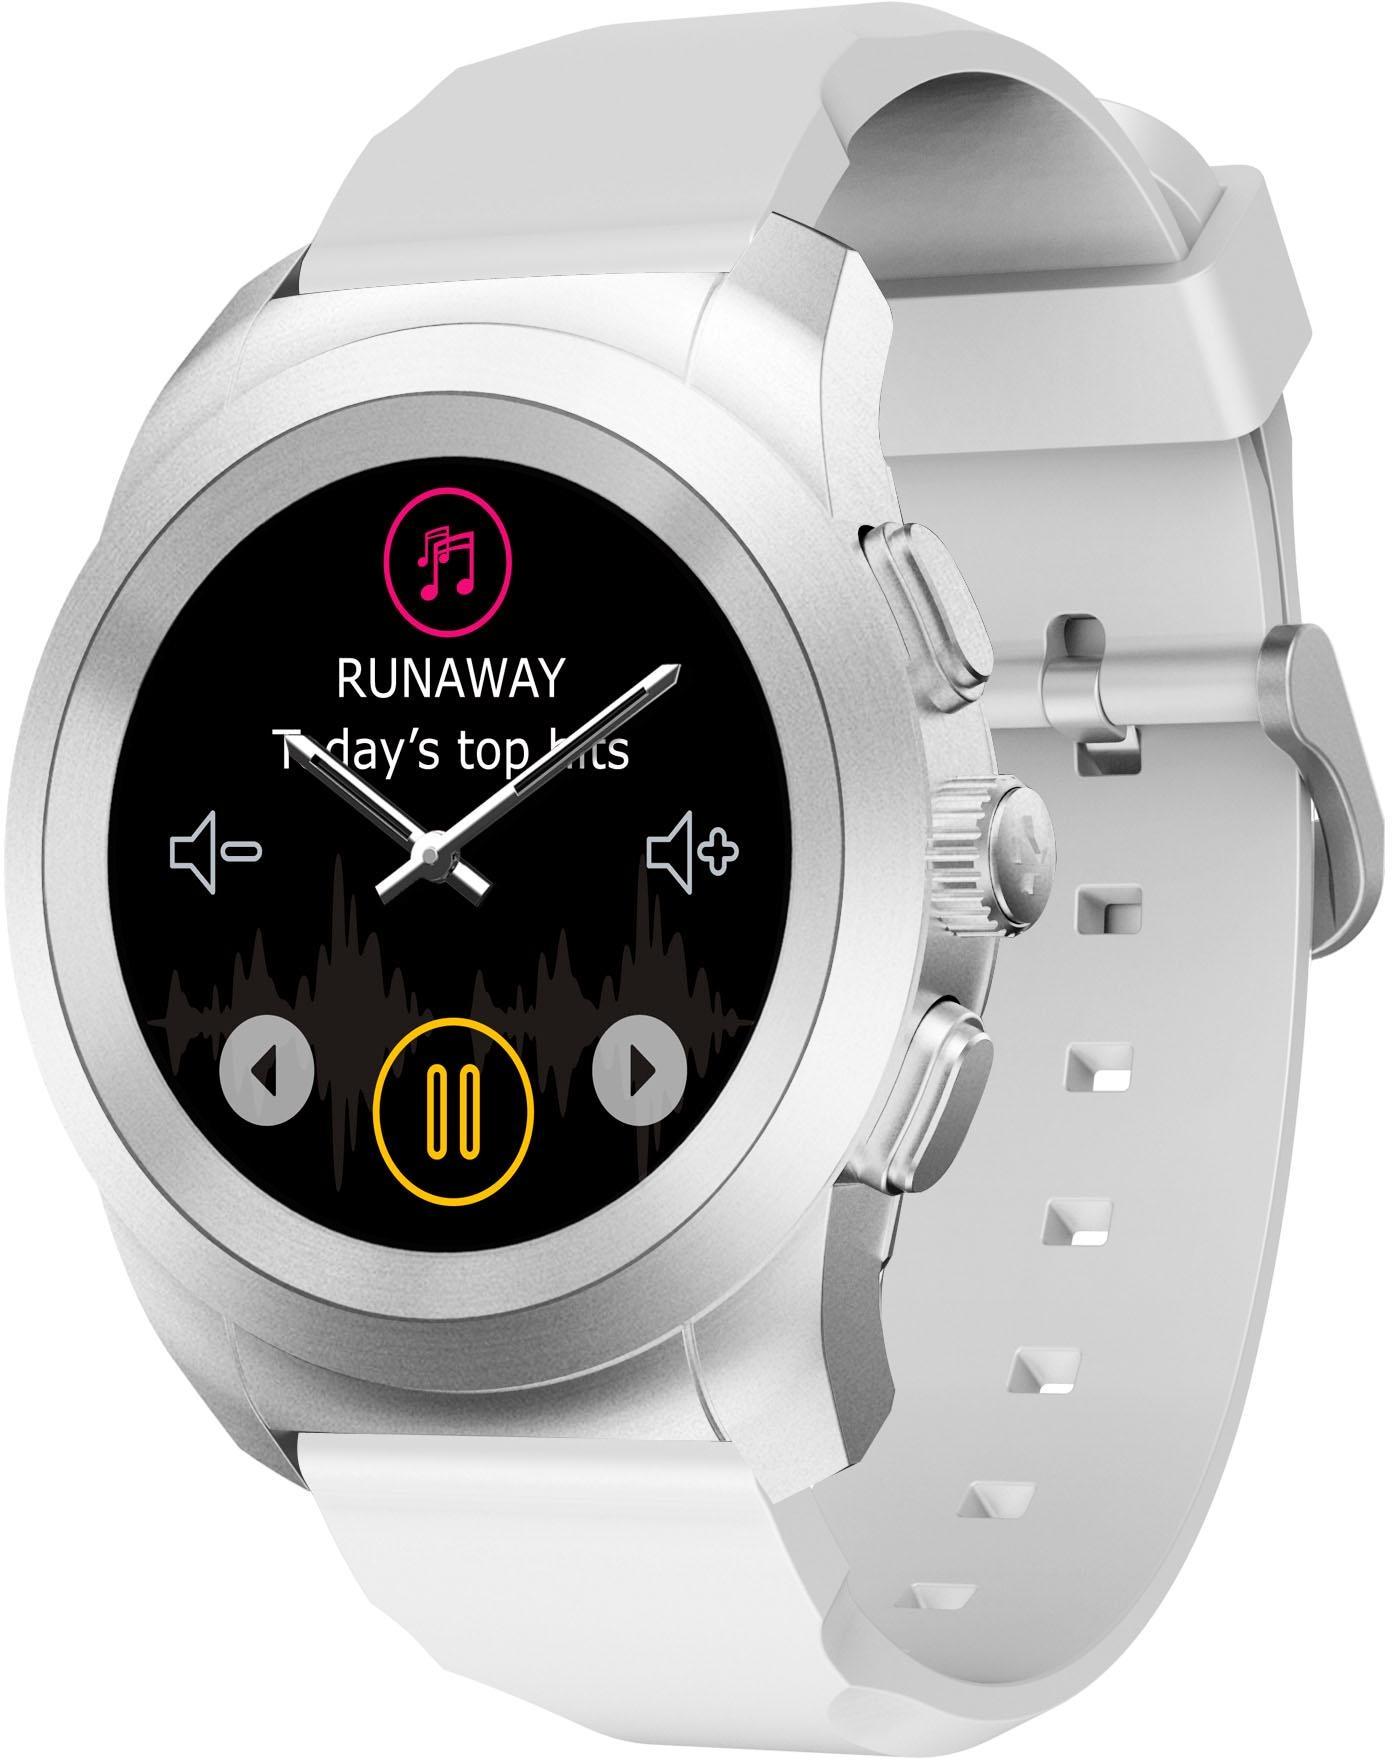 MYKRONOZ ZeTime Petite Original Smartwatch (2,67 cm / 1, 05 Zoll) | Uhren > Smartwatches | MYKRONOZ